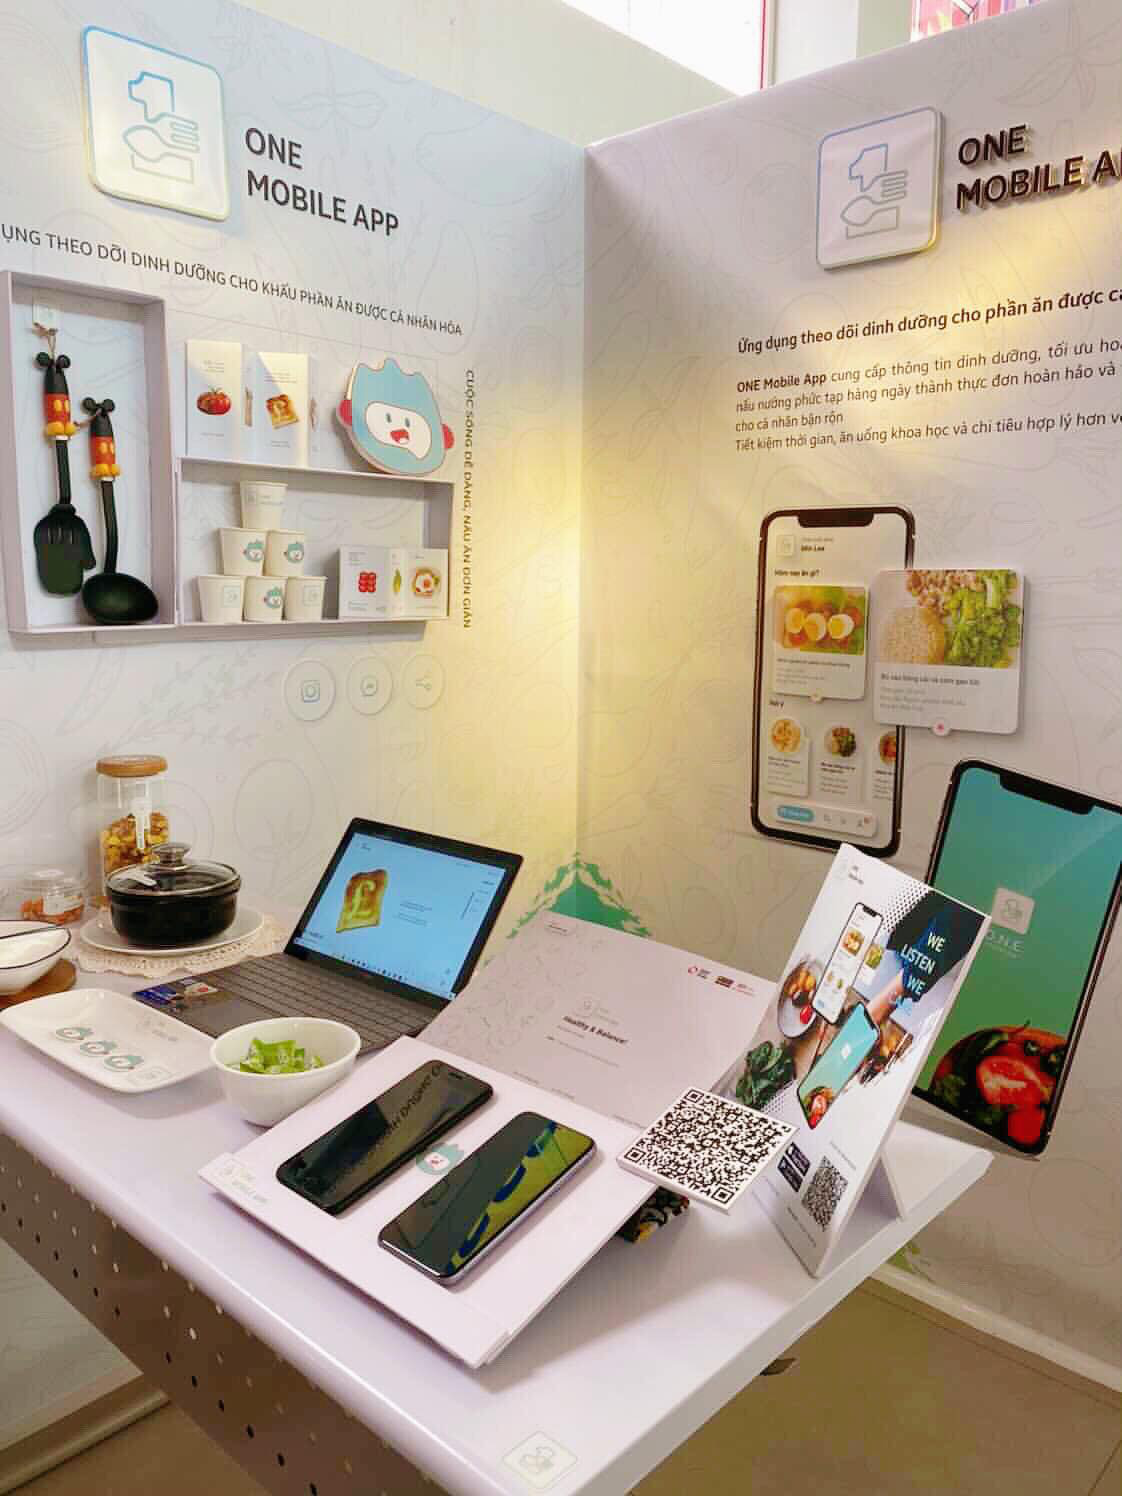 Sinh viên ĐH FPT làm app tư vấn bữa ăn dinh dưỡng cho người độc thân bận rộn - Ảnh 4.